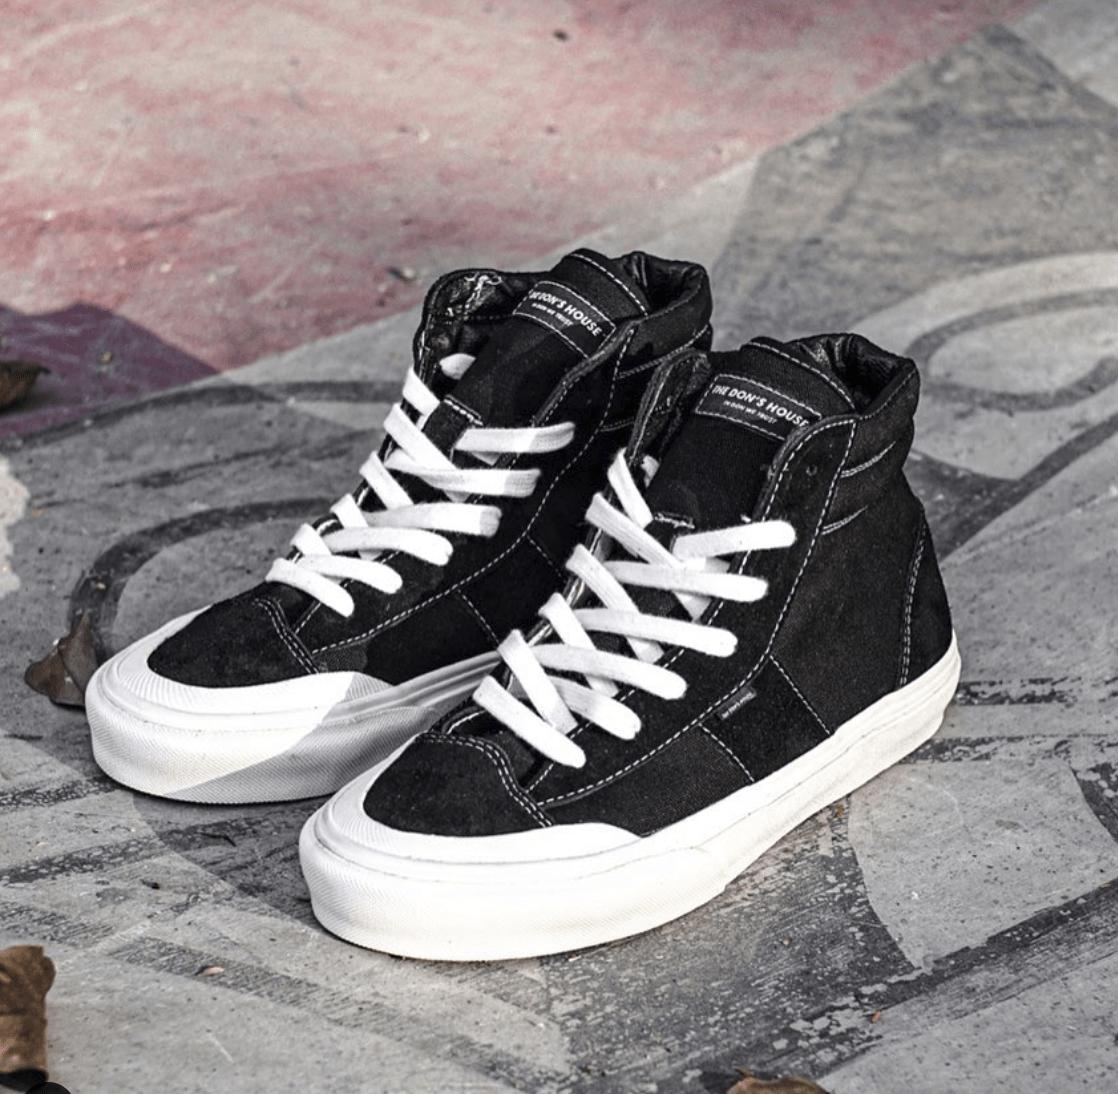 sepatu the dons house sneakers lokal - 73 Sneakers Lokal Kekinian yang Keren Banget